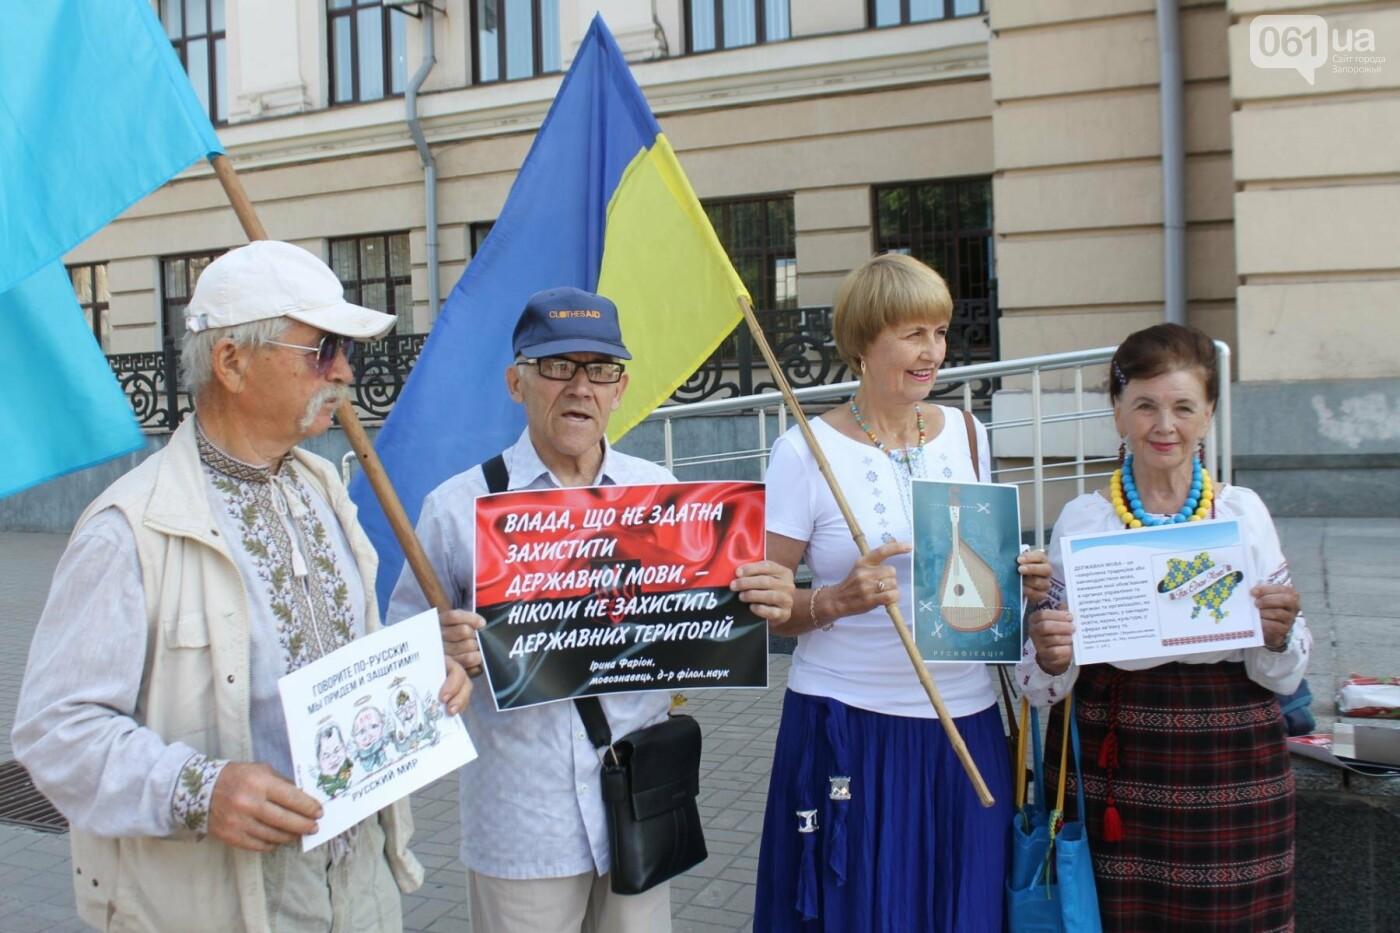 В Запорожье на митинг в защиту украинского языка под мэрию вышли 5 человек, – ФОТОРЕПОРТАЖ, фото-1